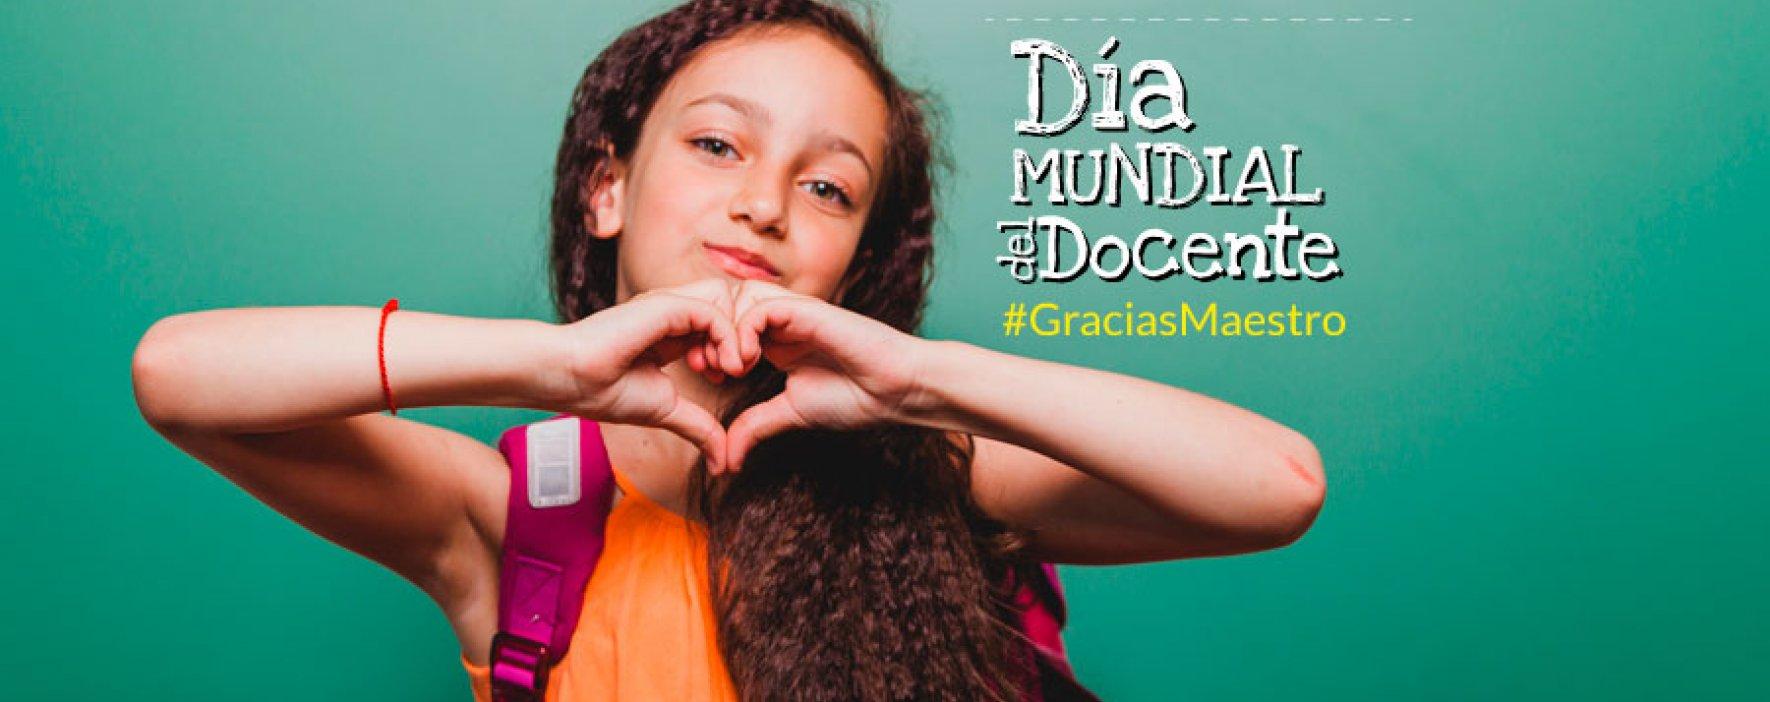 La Fundación Compartir conmemora el día Mundial de los Docentes